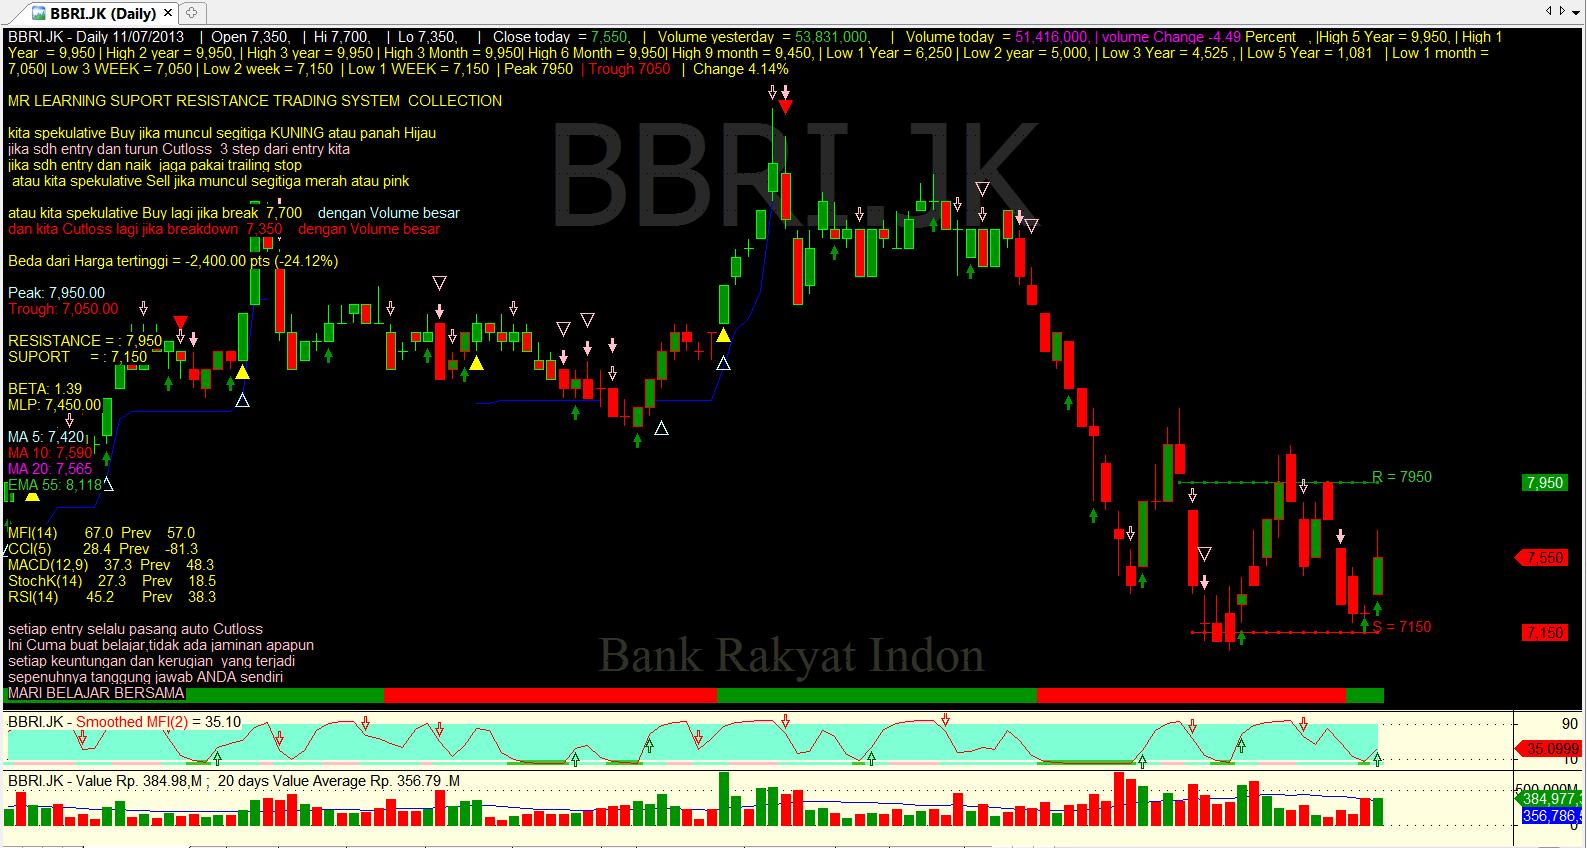 my stock data DATA UNTUK JUM AT 12 JULI 2013